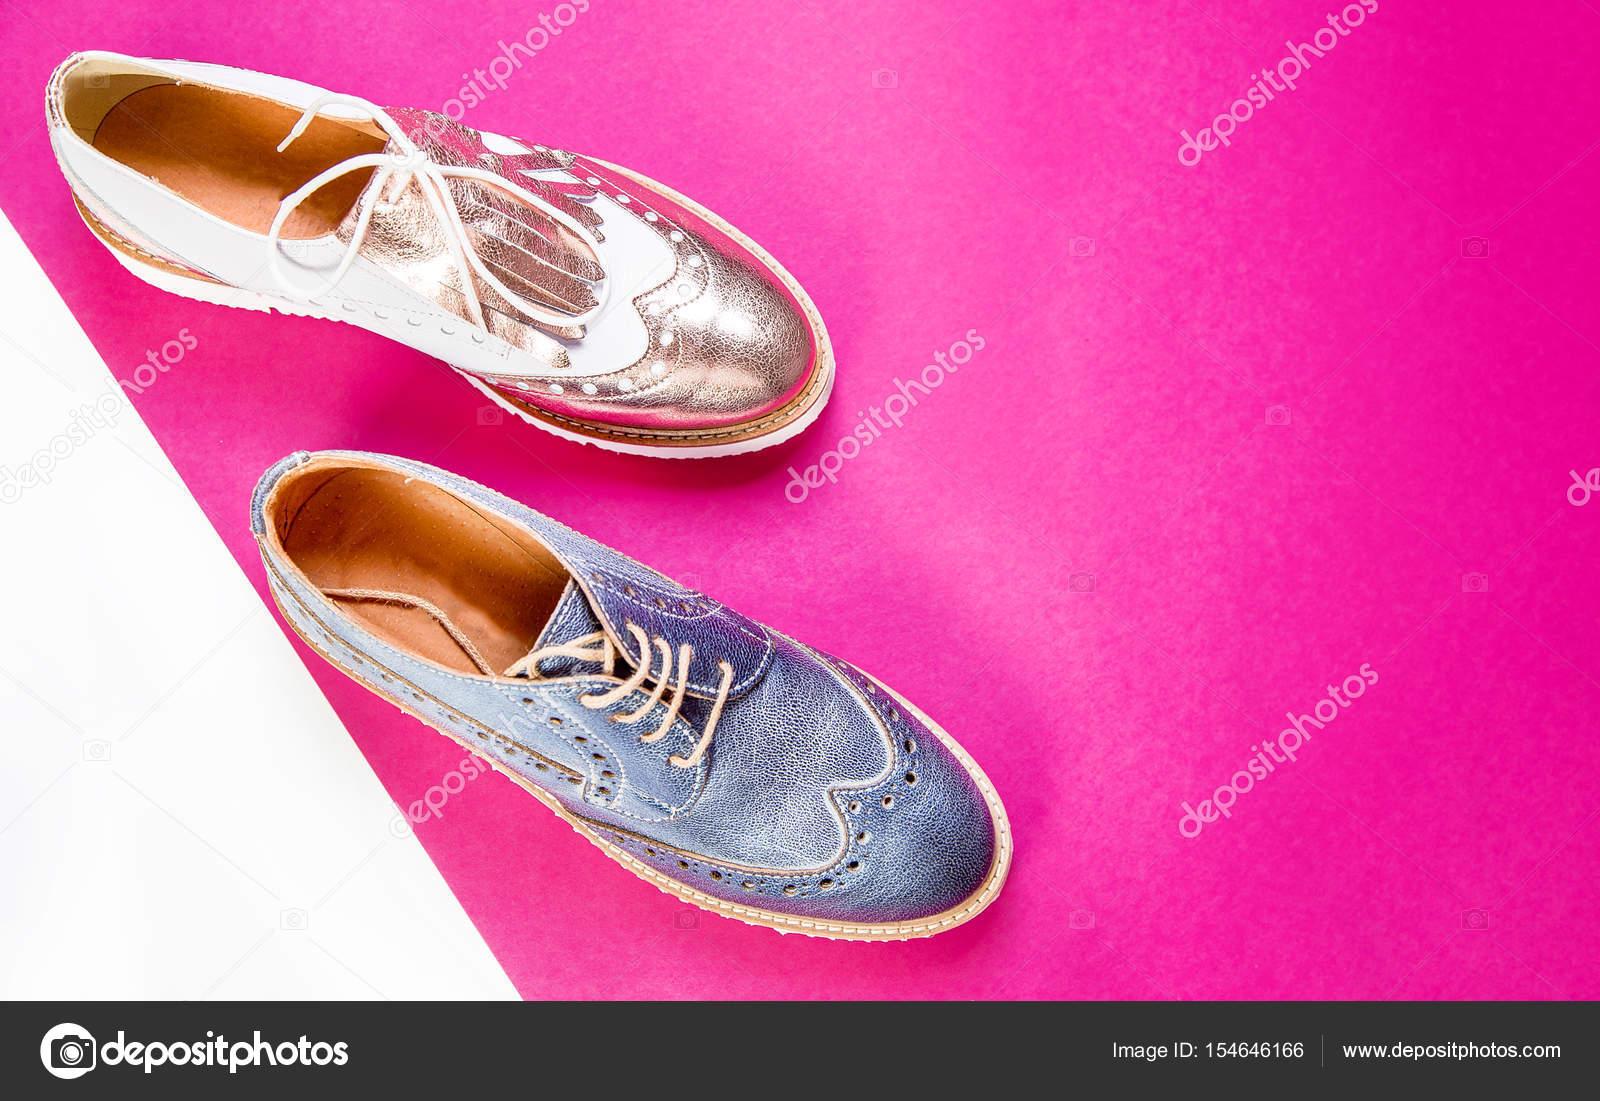 0c593afd7e13 Elegáns női cipő és a virágok, bronz cipő, kék cipő — Stock Fotó ...